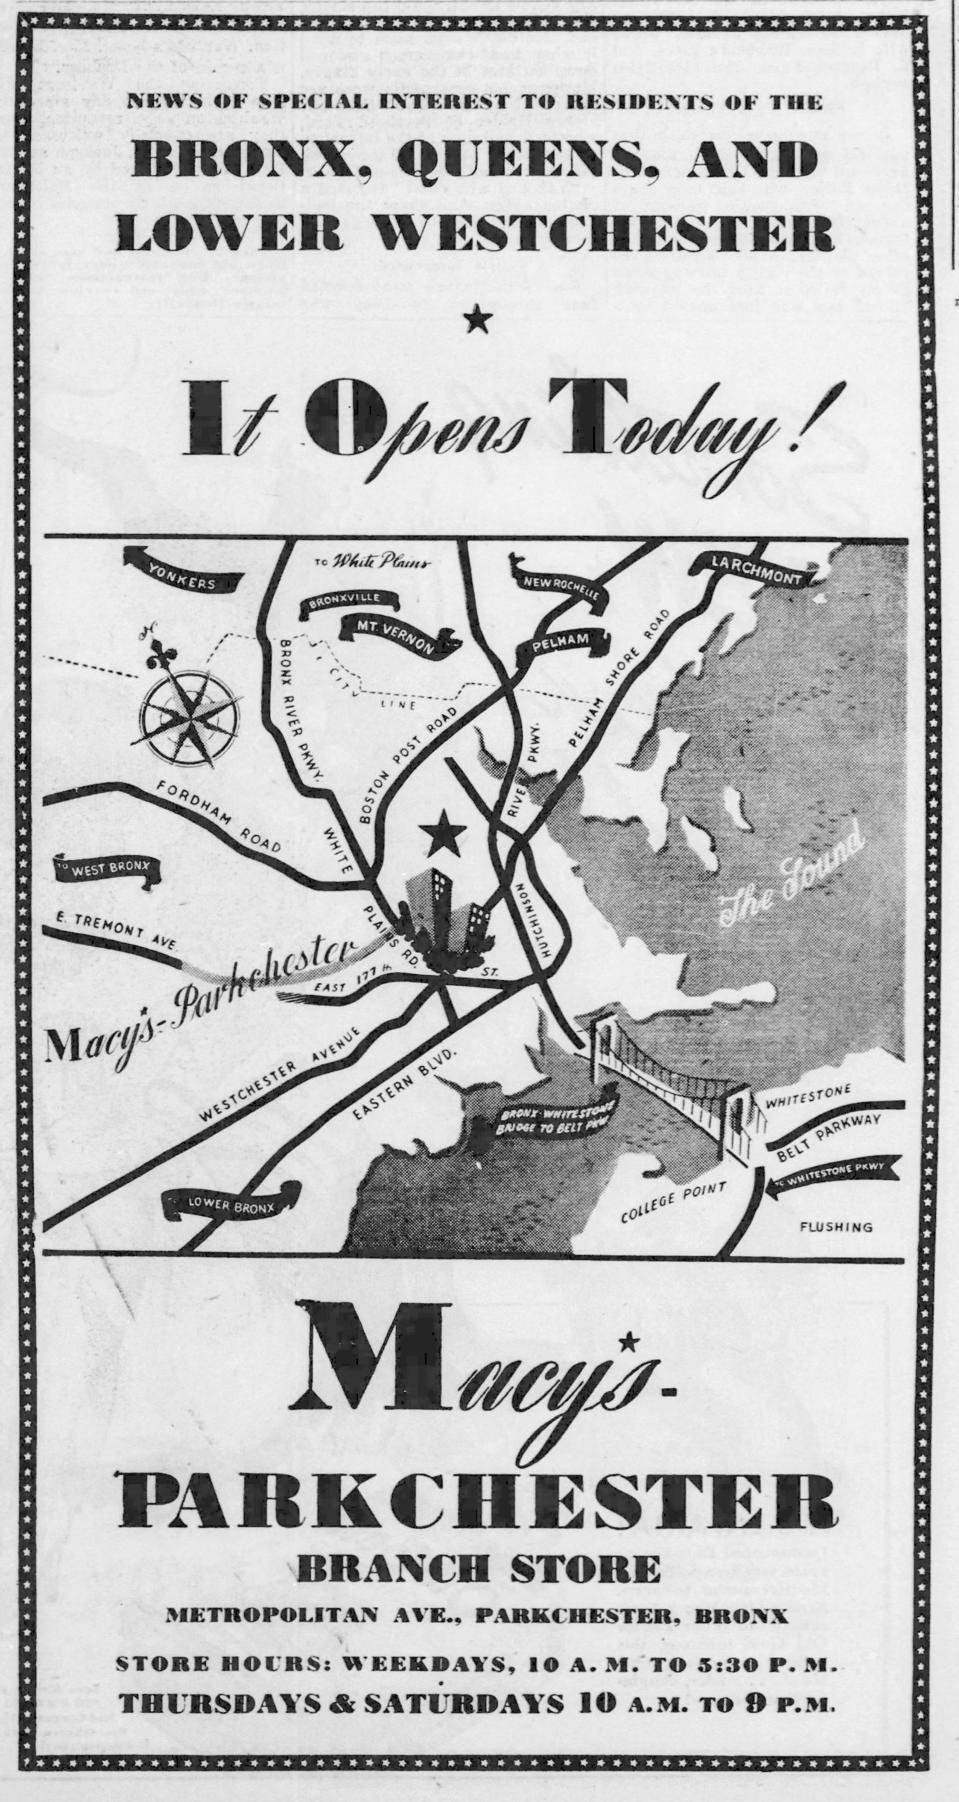 Macy's Parkchester